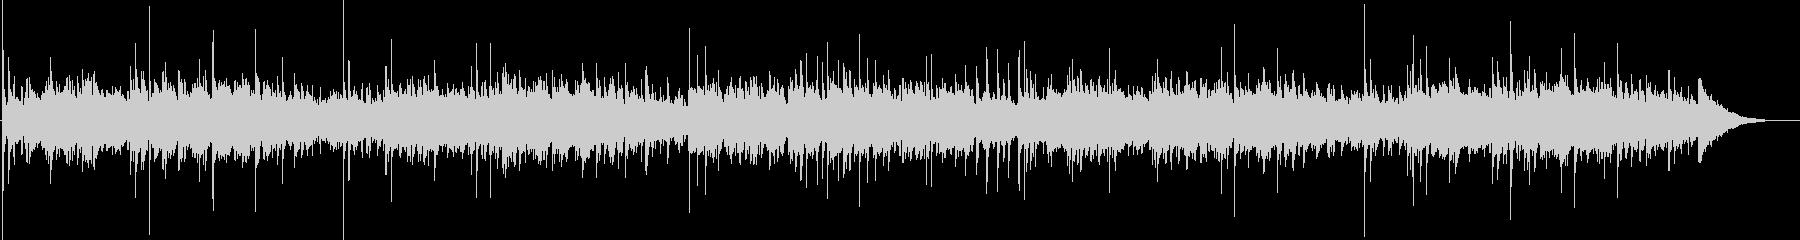 アコギ演奏によるリラックスできるポップスの未再生の波形